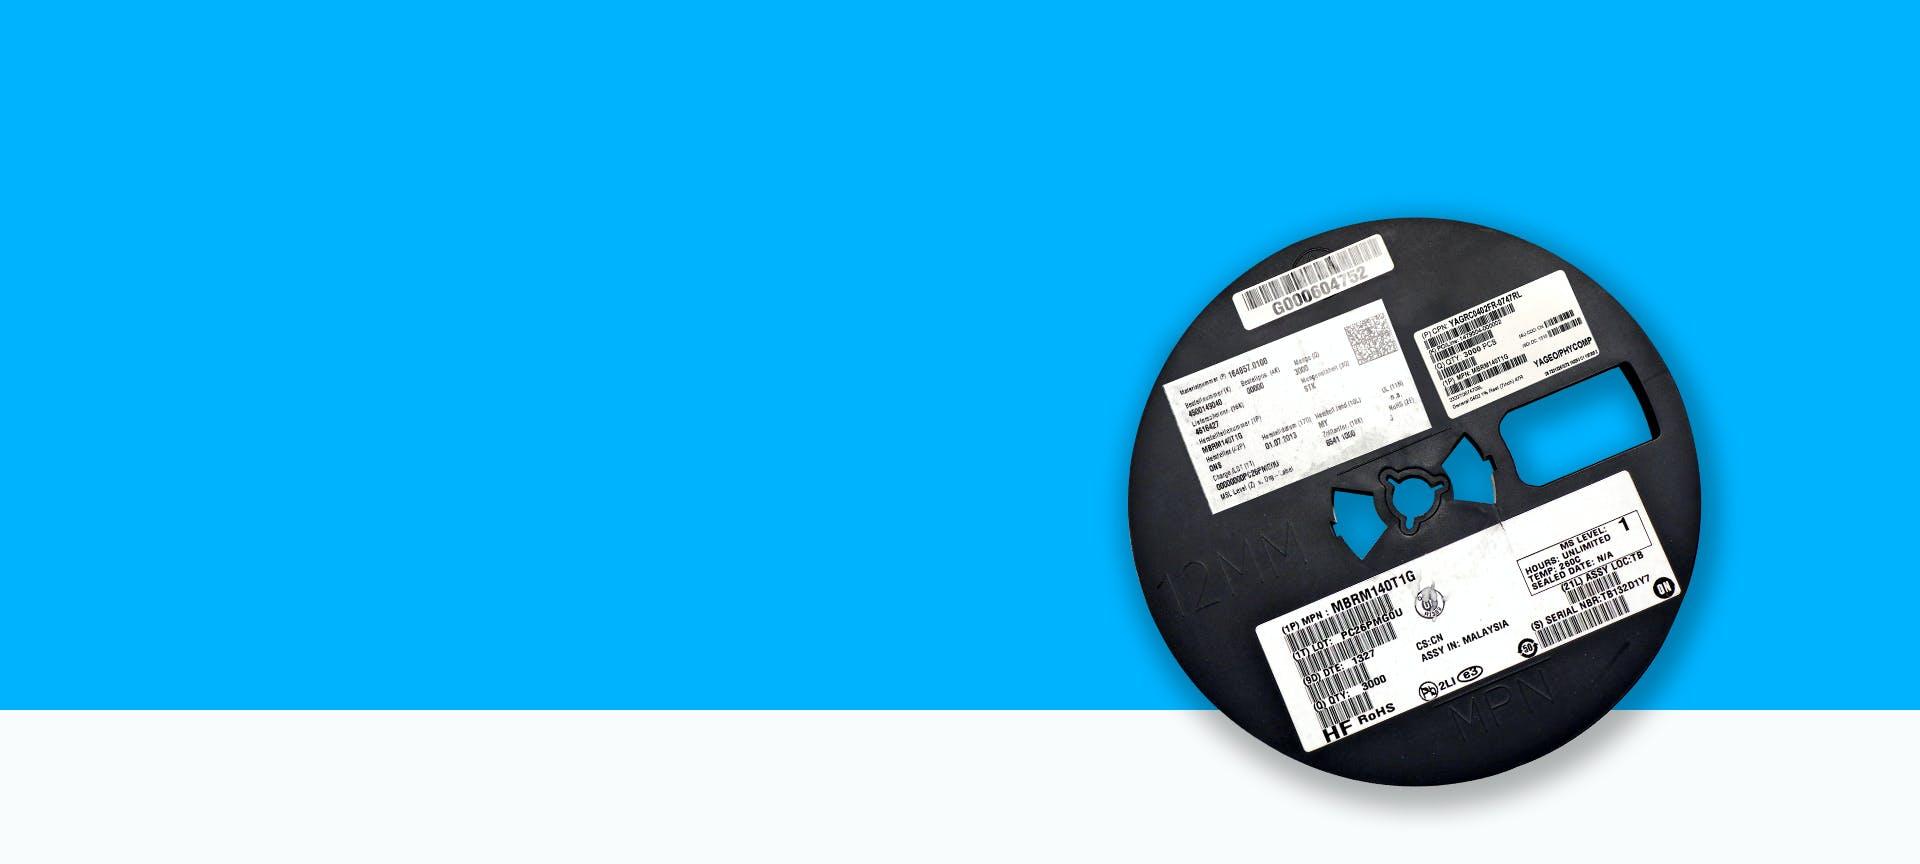 Eine SMD-Spule mit vielen Etiketten und Codes vor blauem Hintergrund